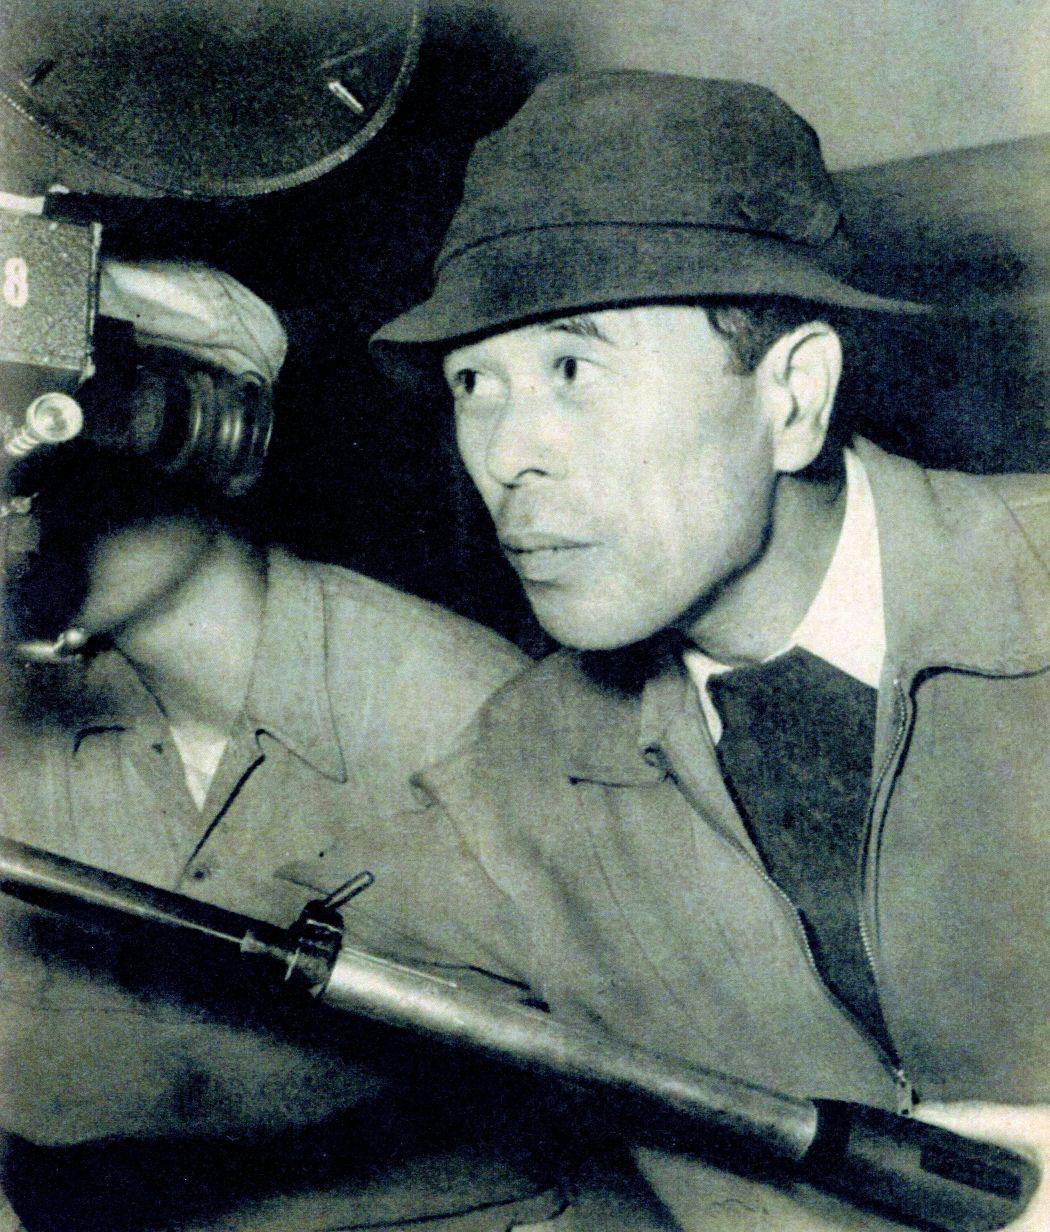 Nakai in 1952